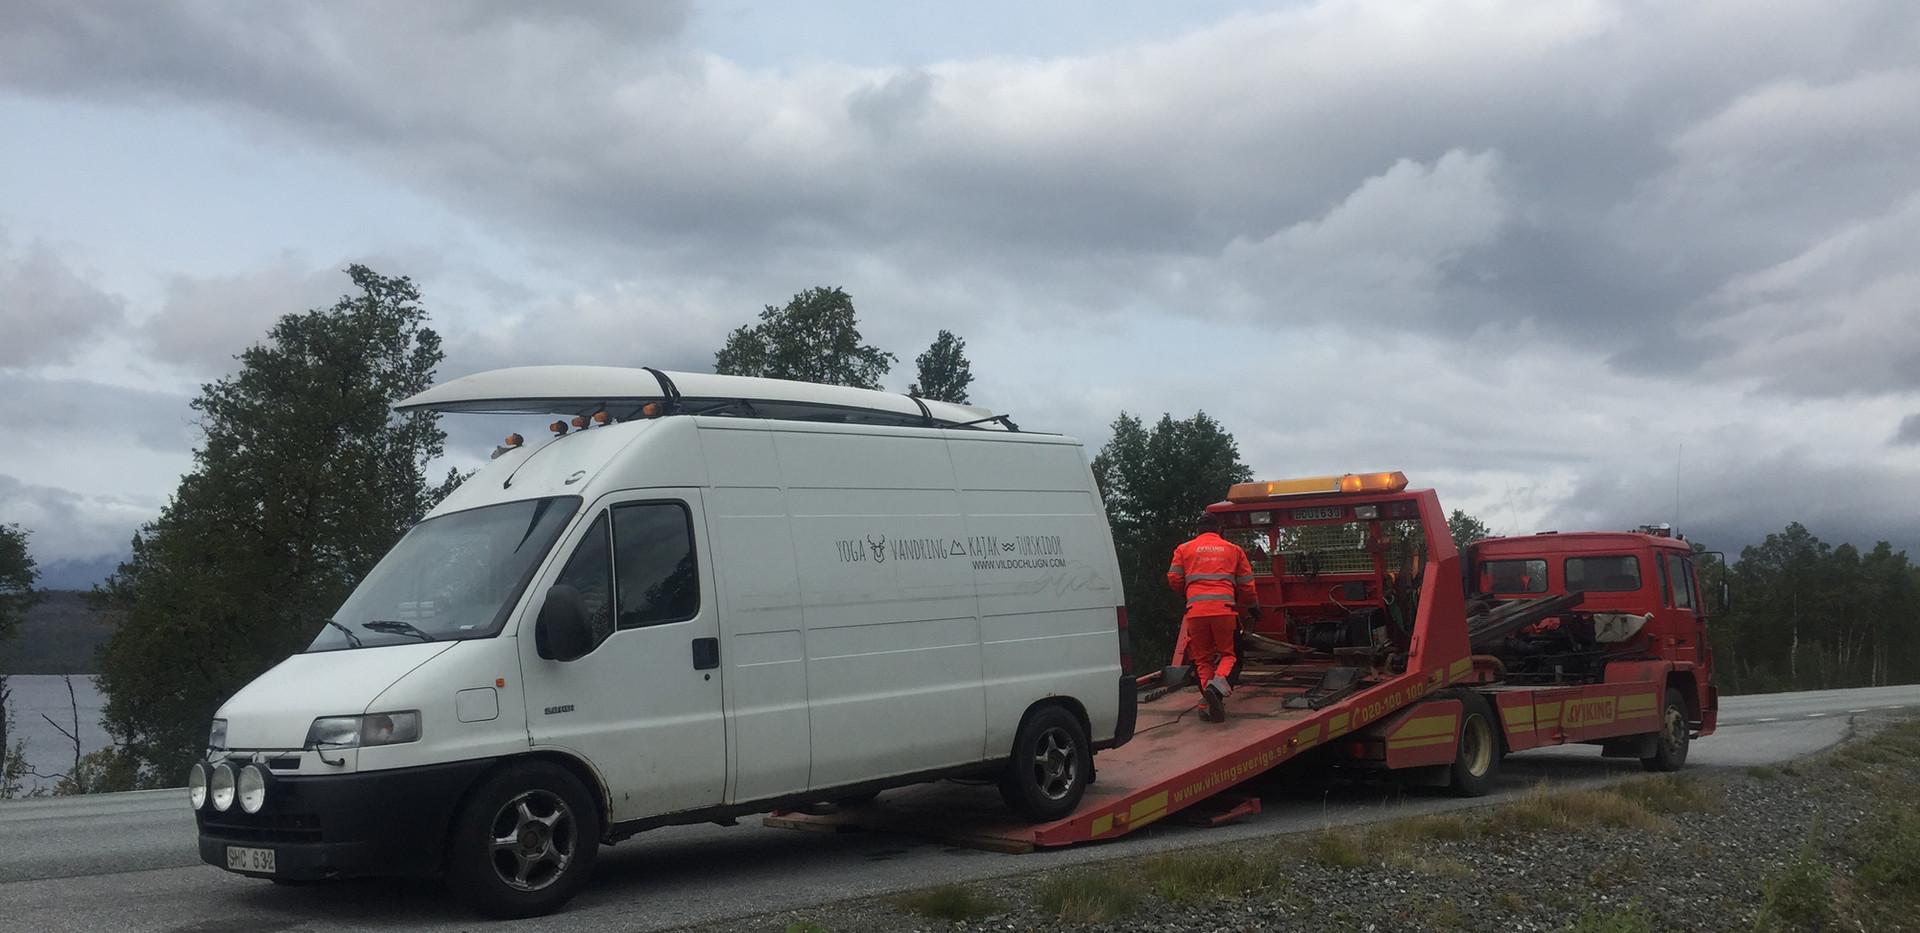 Flat tire. Hemavan Sweden